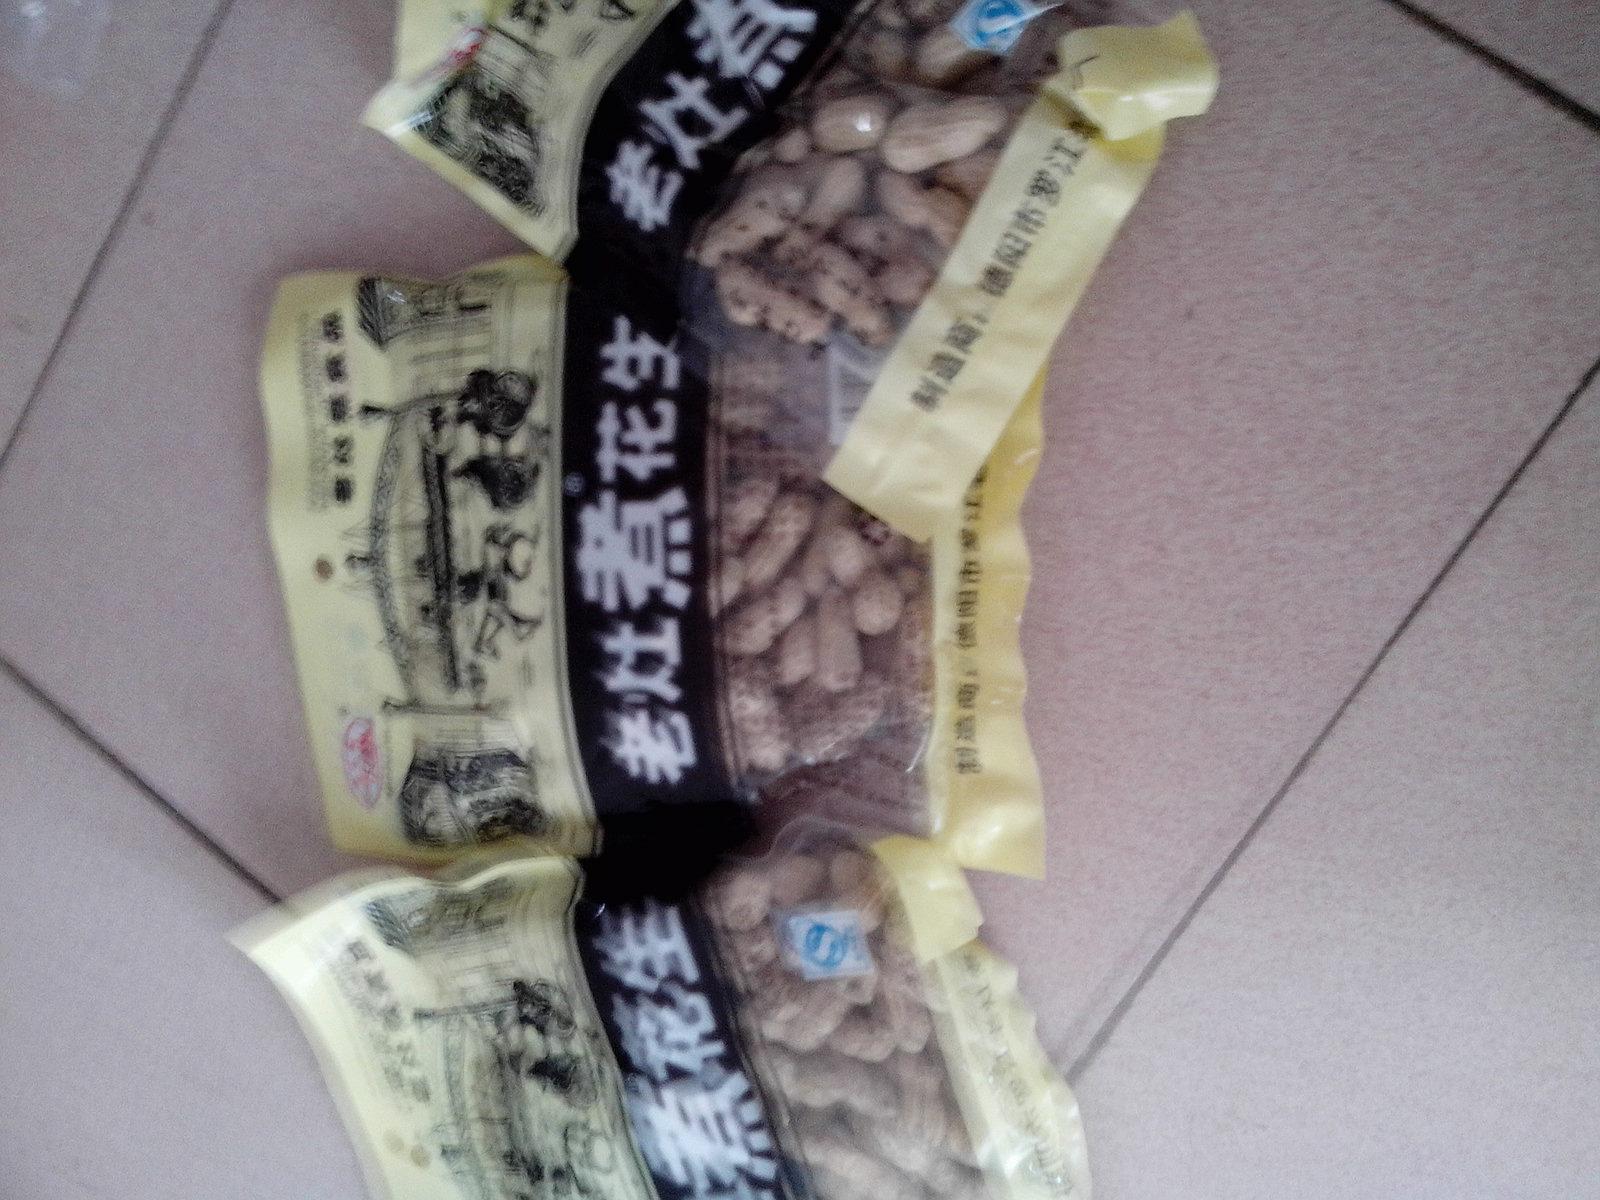 nike mercurial turf review 00267971 bags